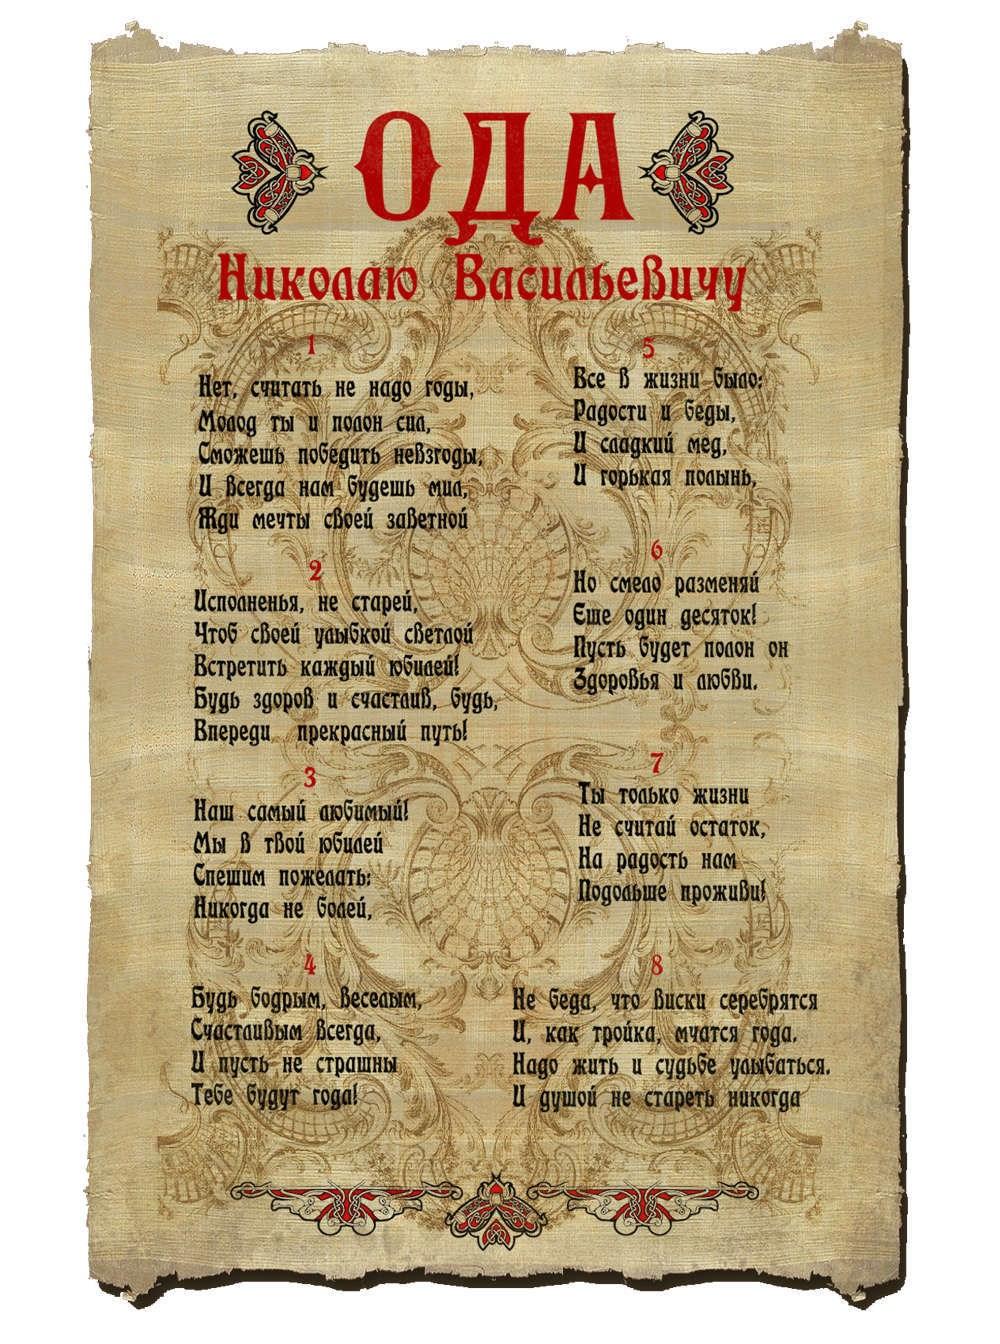 Поздравление на свитке папируса Ода юбиляру в стихах